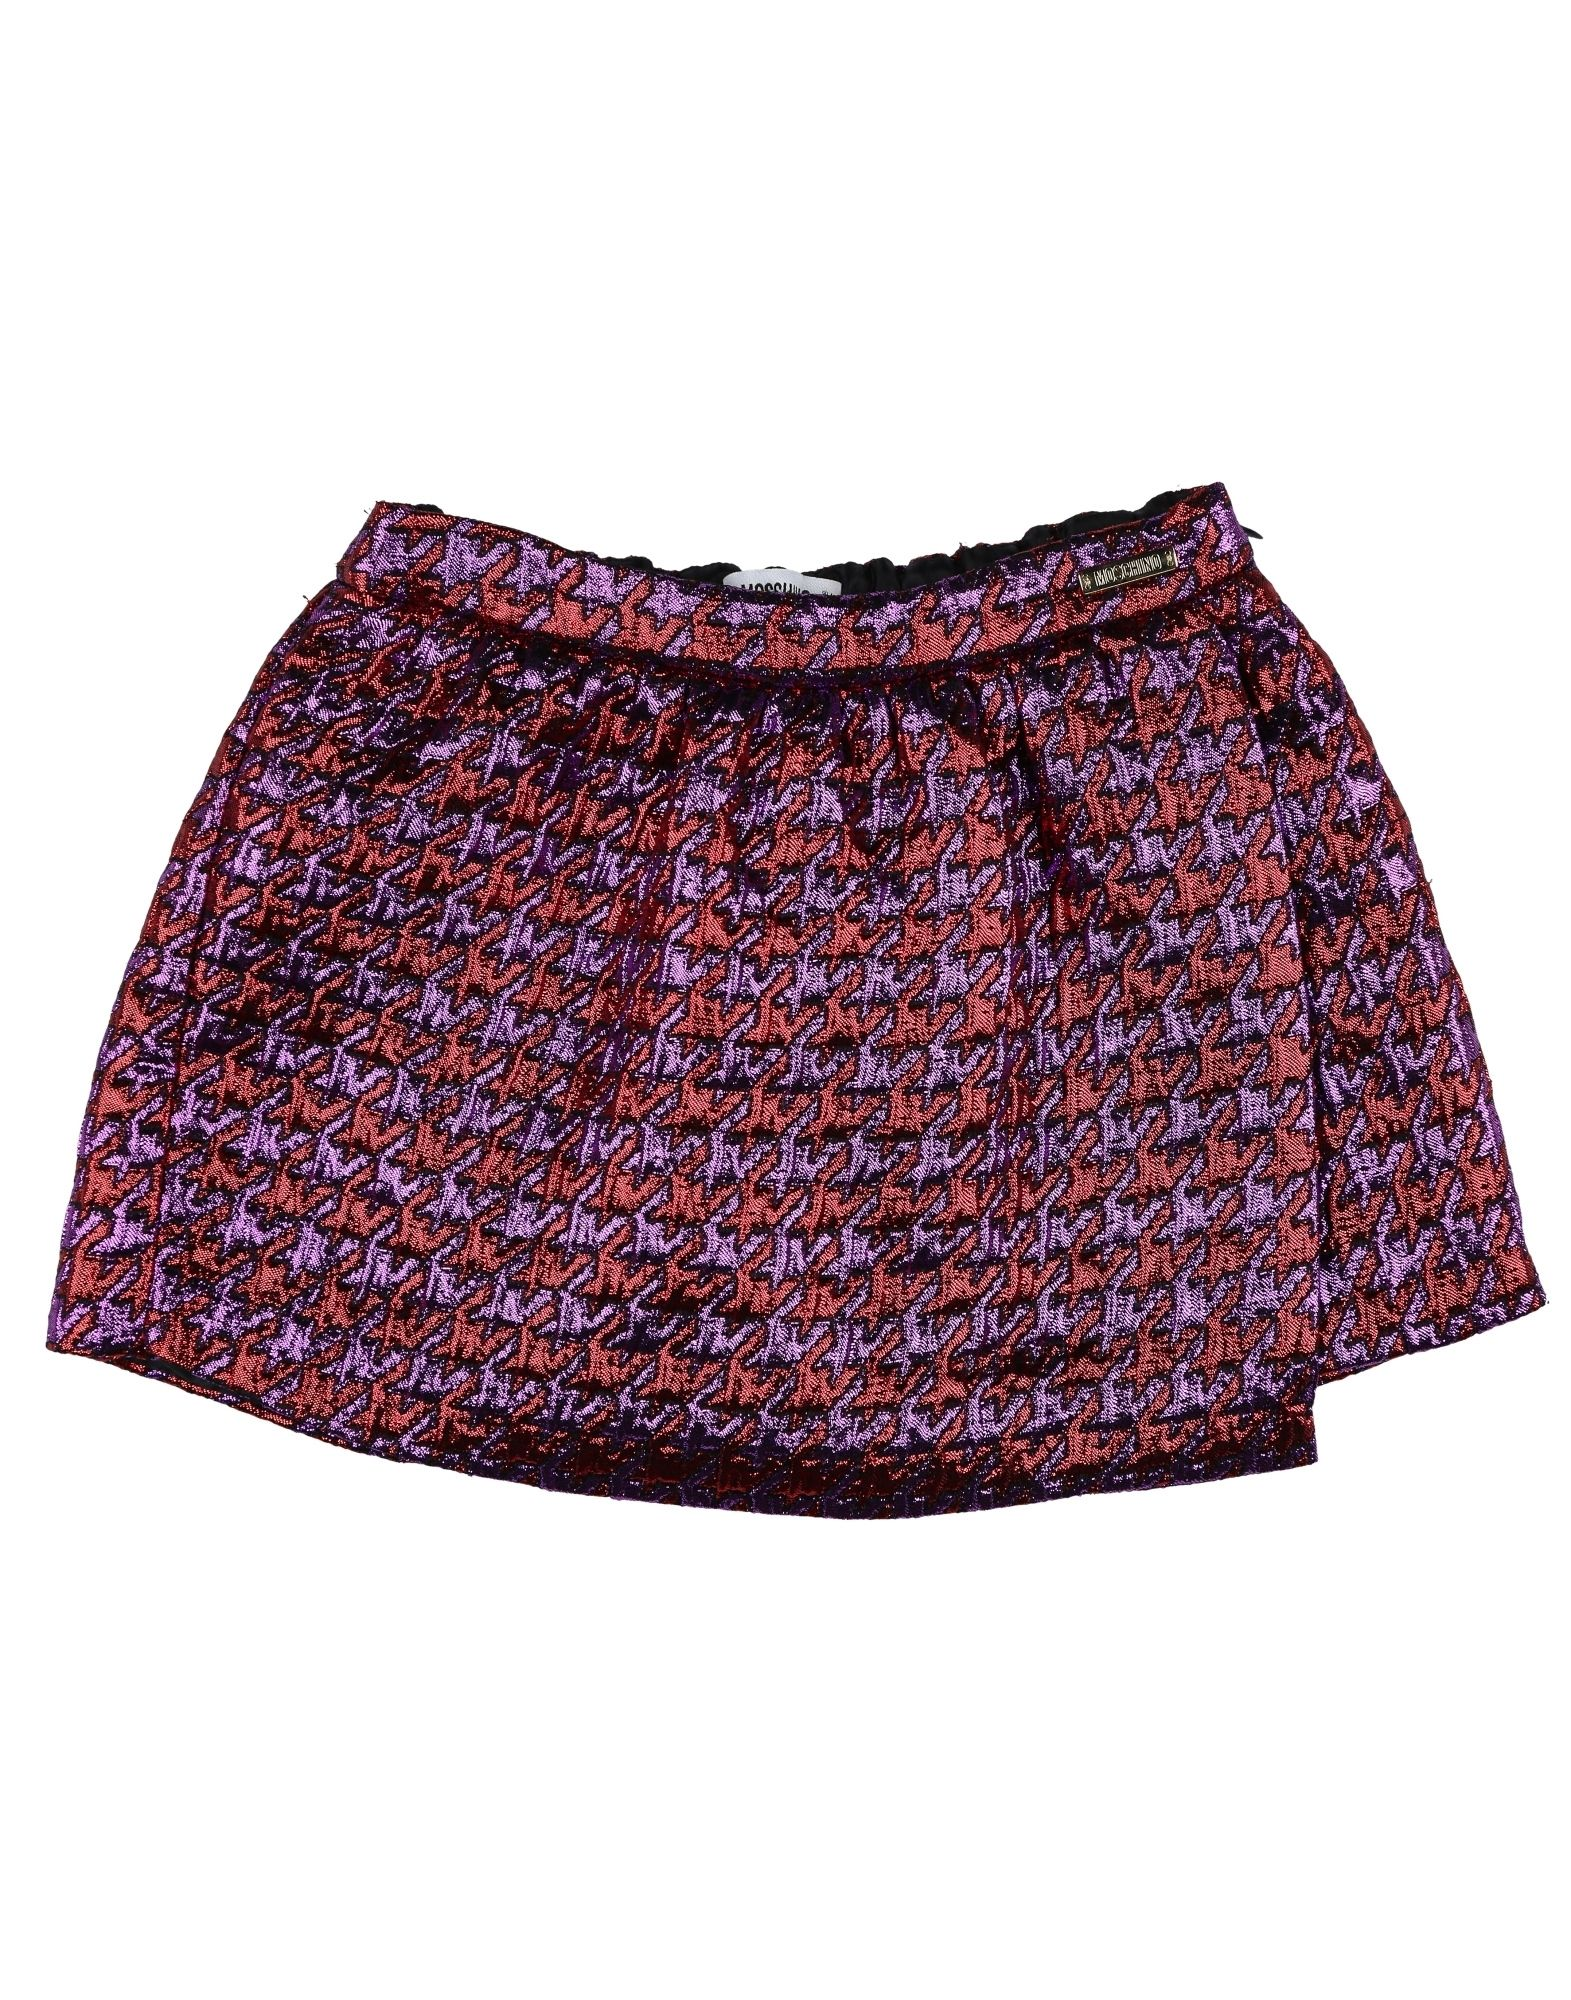 MOSCHINO KID Mädchen 3-8 jahre Rock Farbe Violett Größe 6